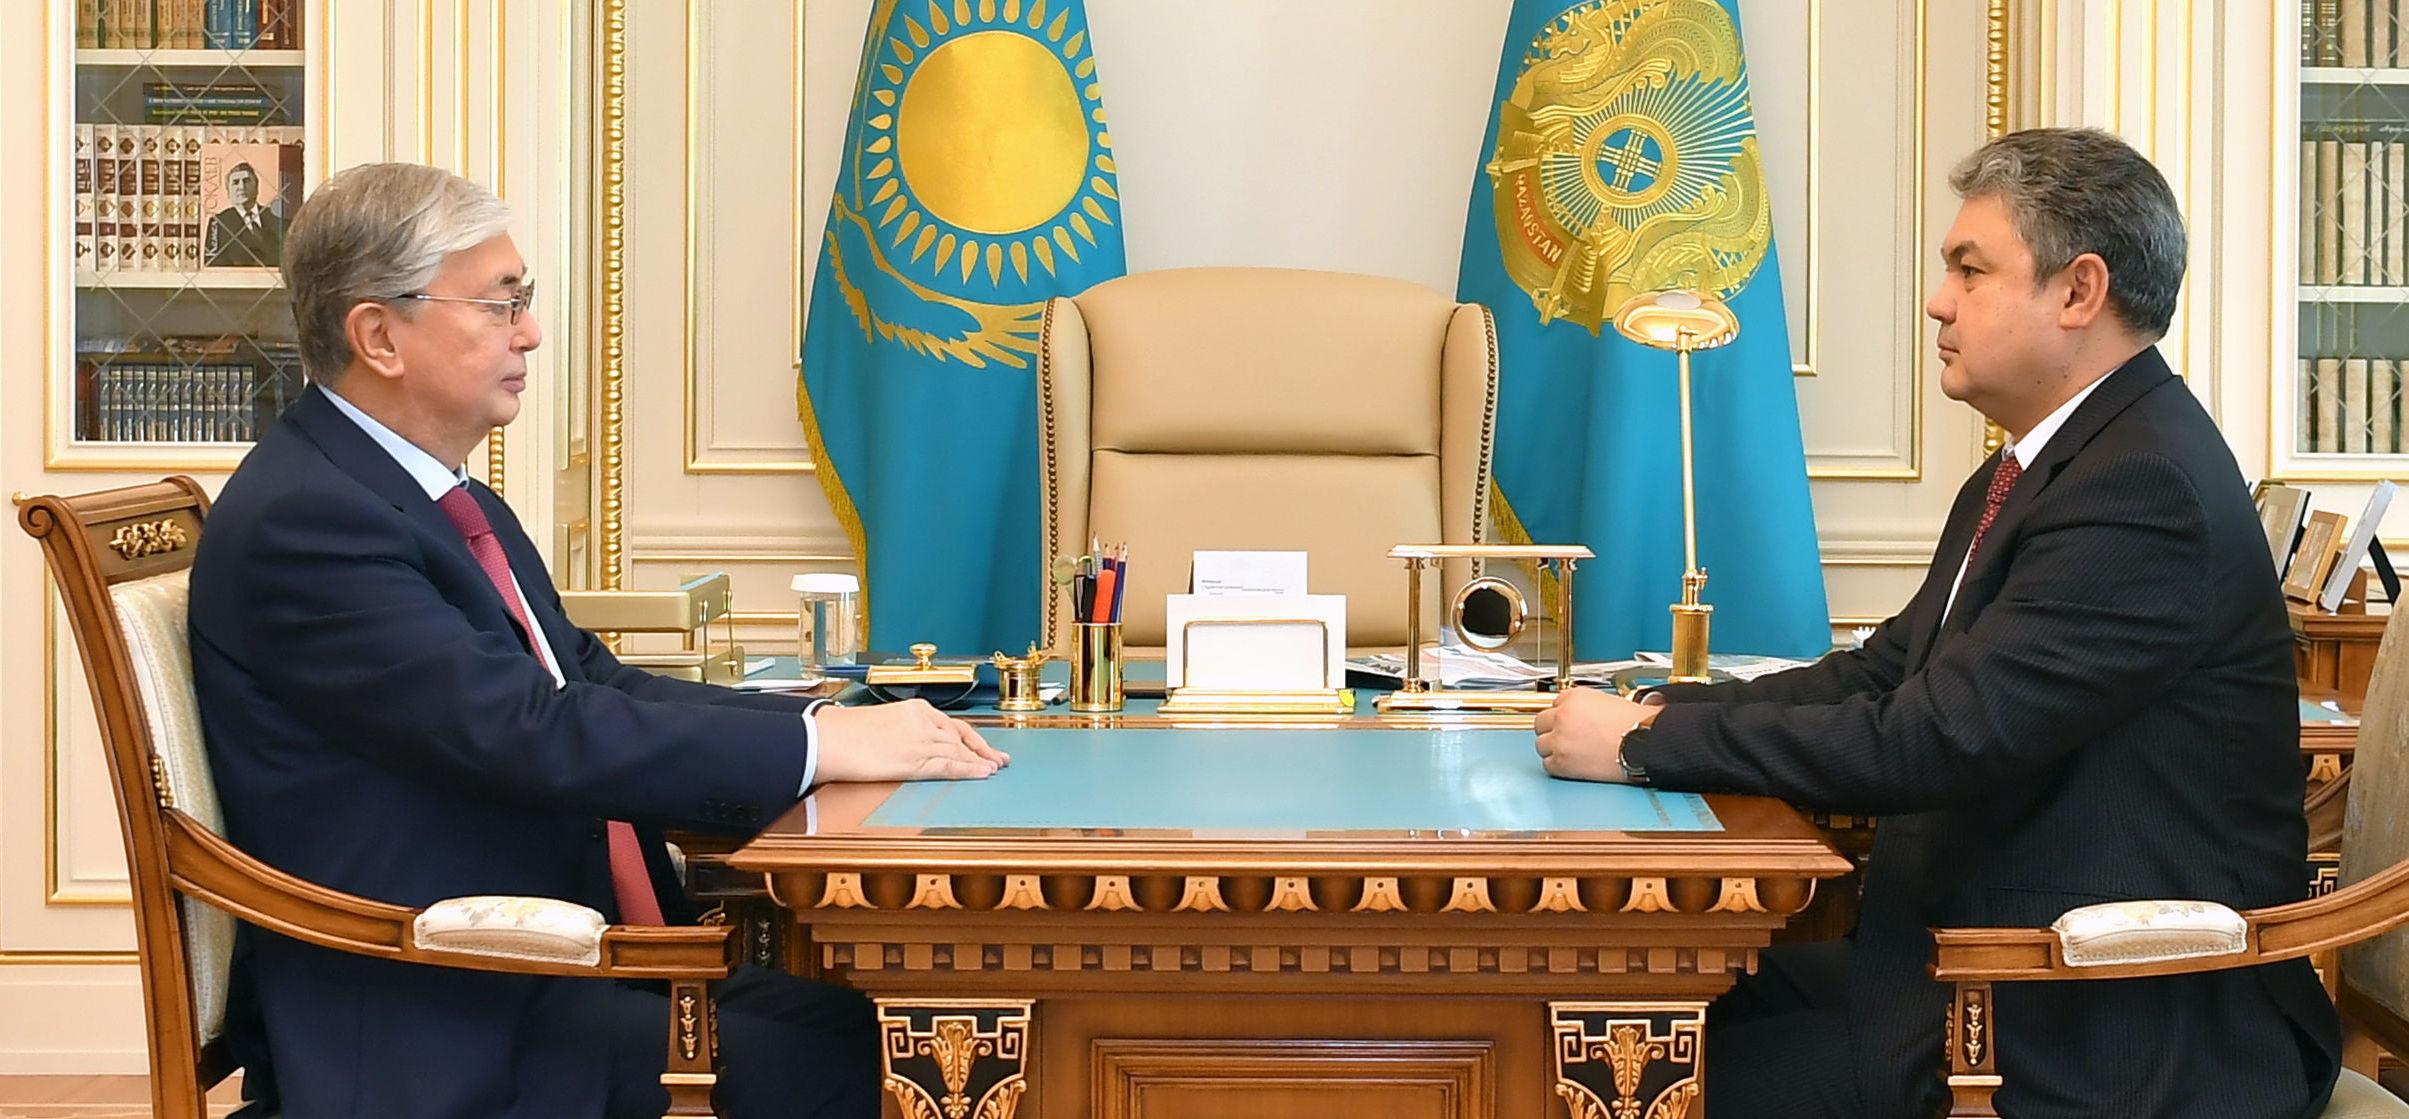 Касым-Жомарт Токаев принял вновь назначенного посла Казахстана в России Ермека Кошербаева